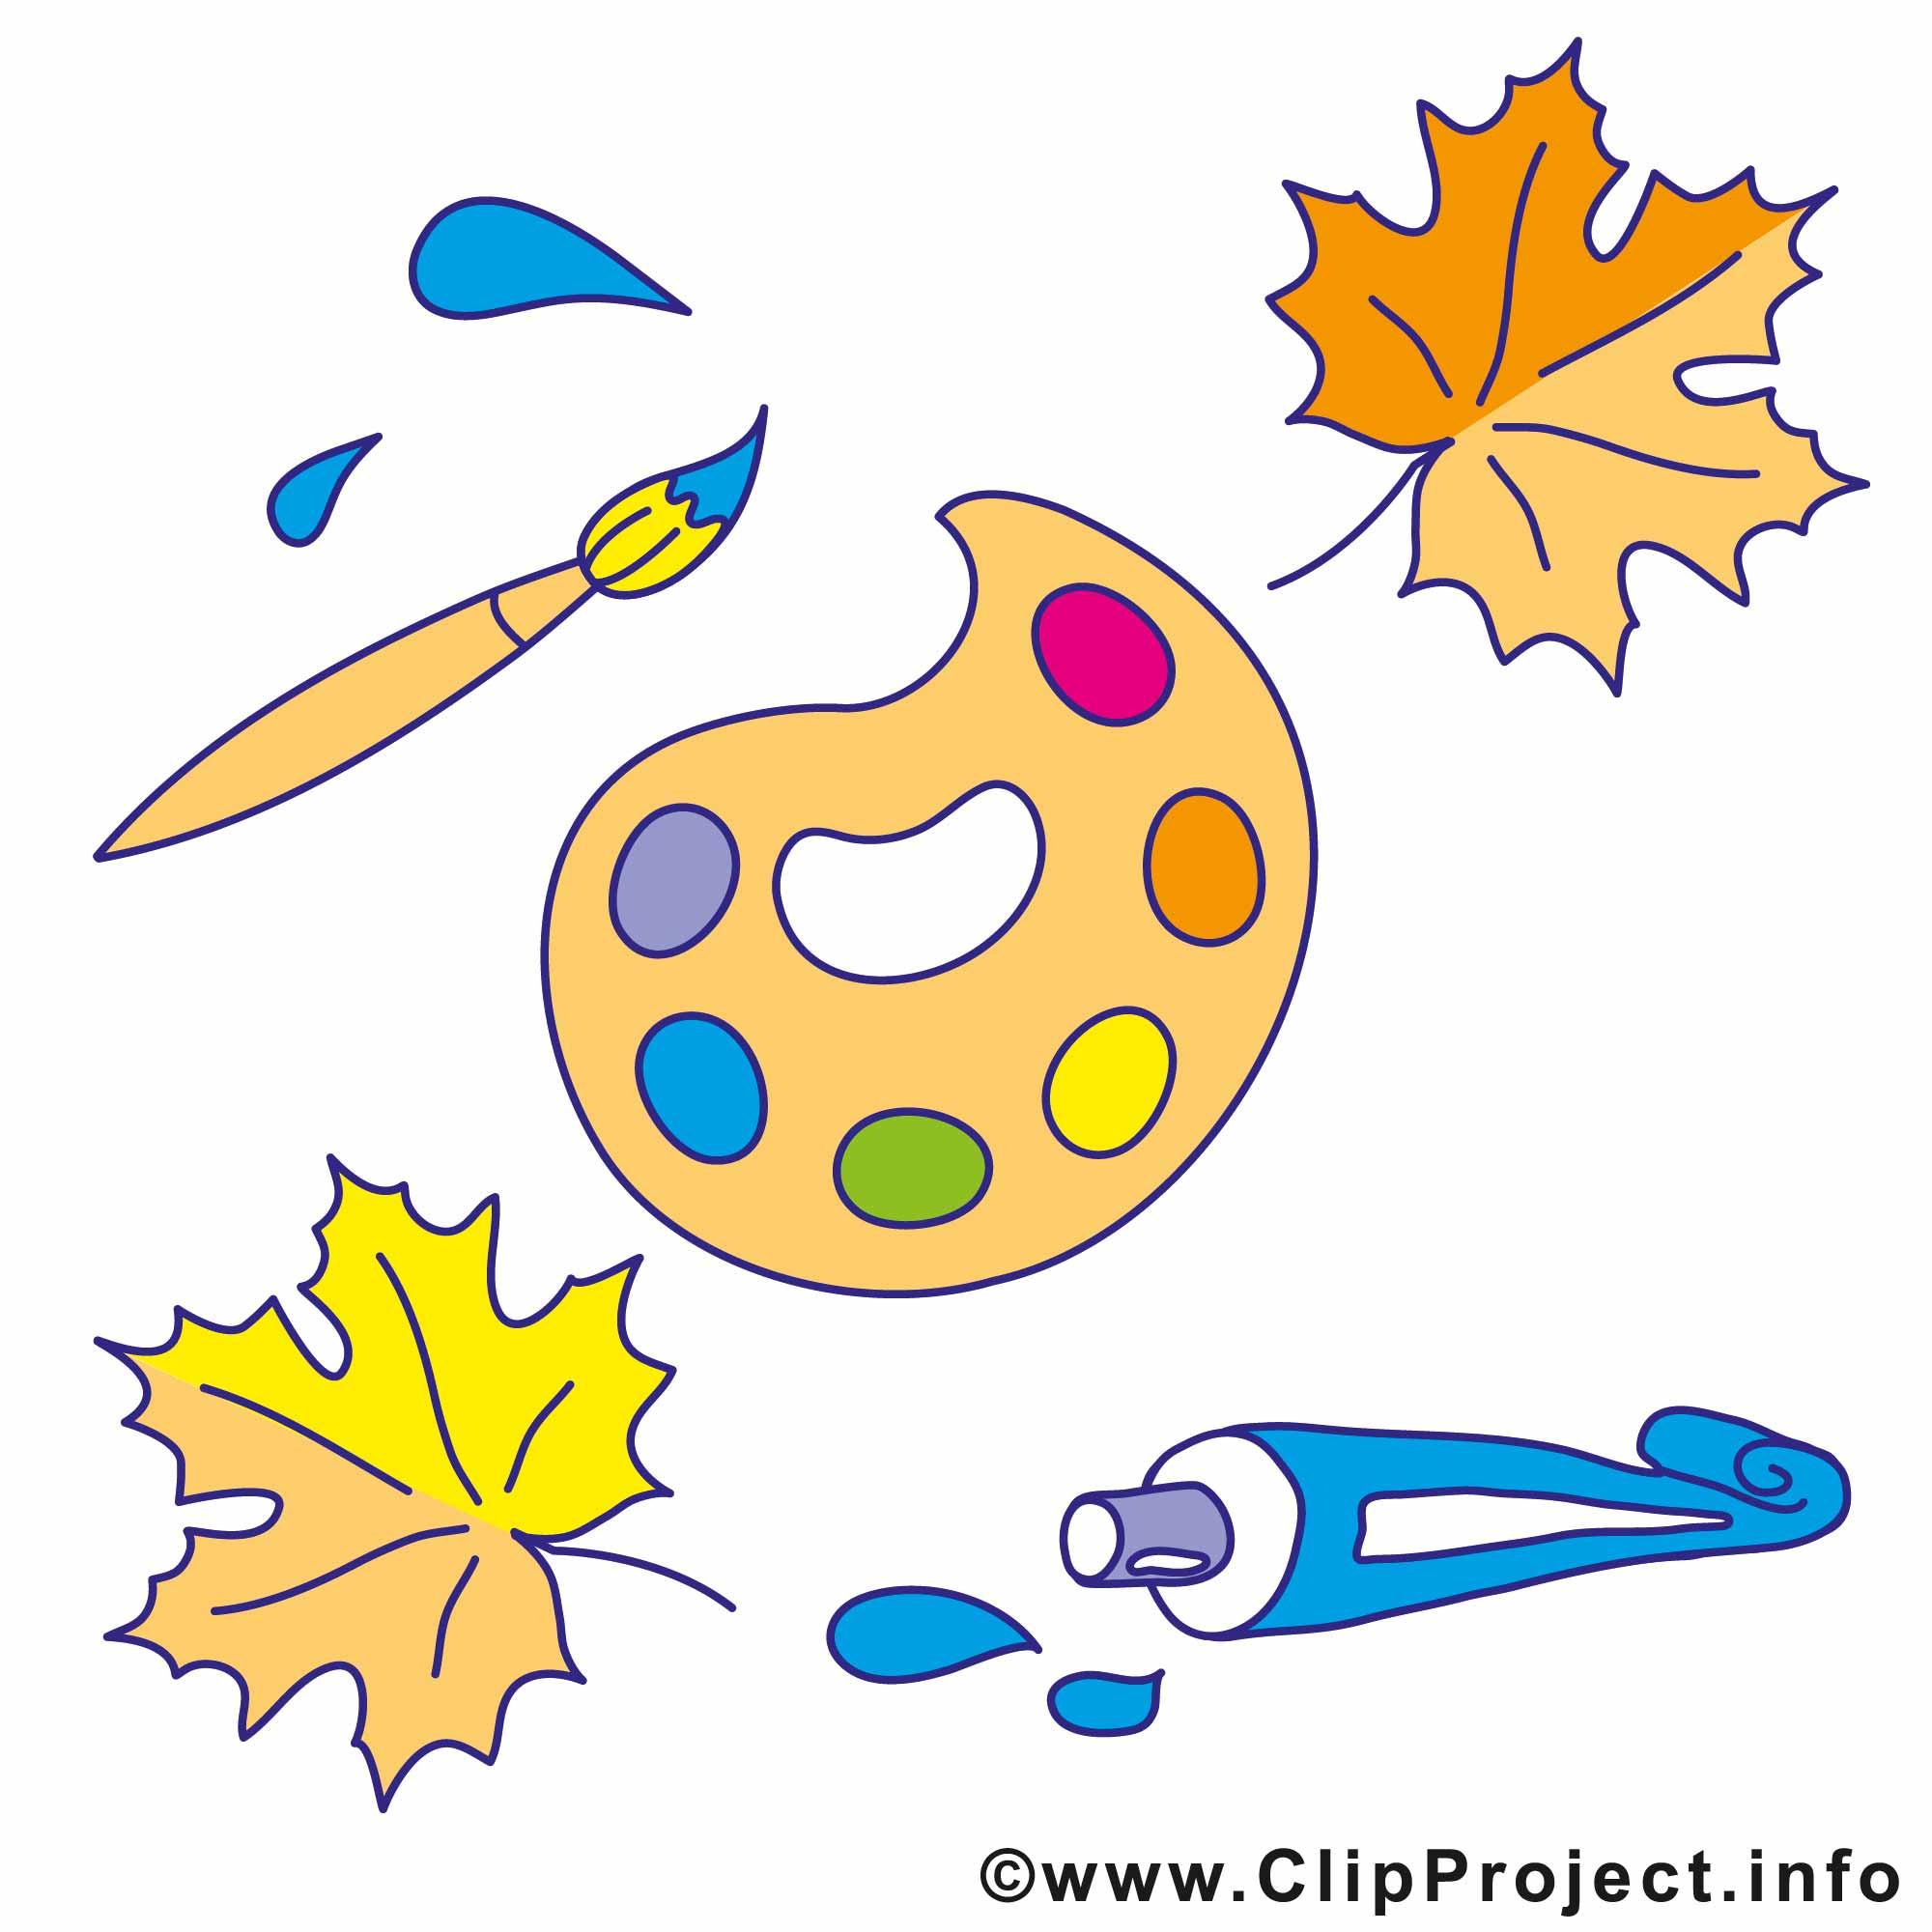 Couleurs Clipart Pinceau Ecole Dessins Gratuits Ecole Dessin Picture Image Graphic Clip Art Telecharger Gratuit